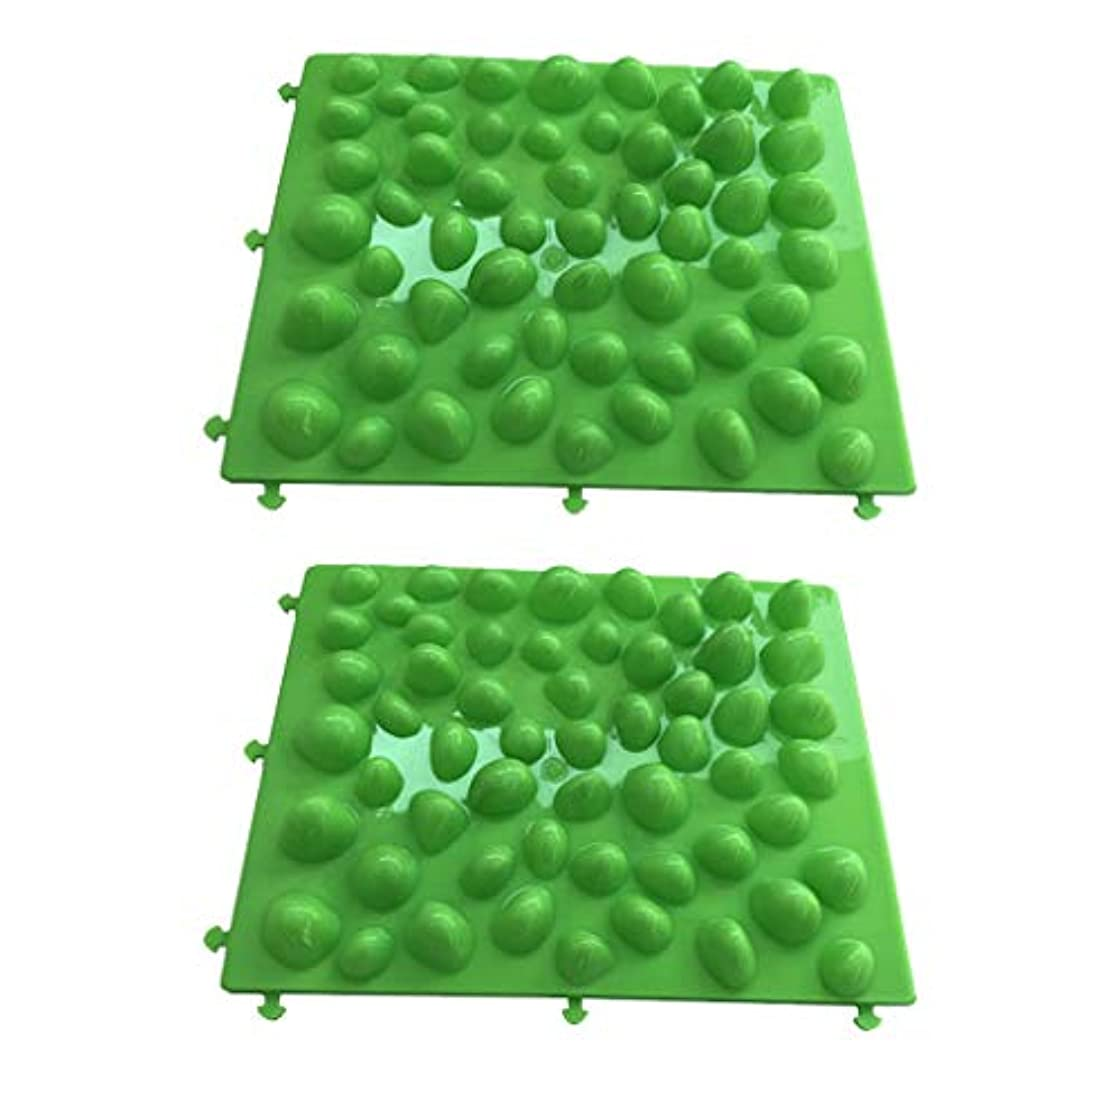 無しからに変化する頼る足つぼ フットマット フットマッサージ 足のマッサージパッド 人工石 プラスチック 血行促進 2個入